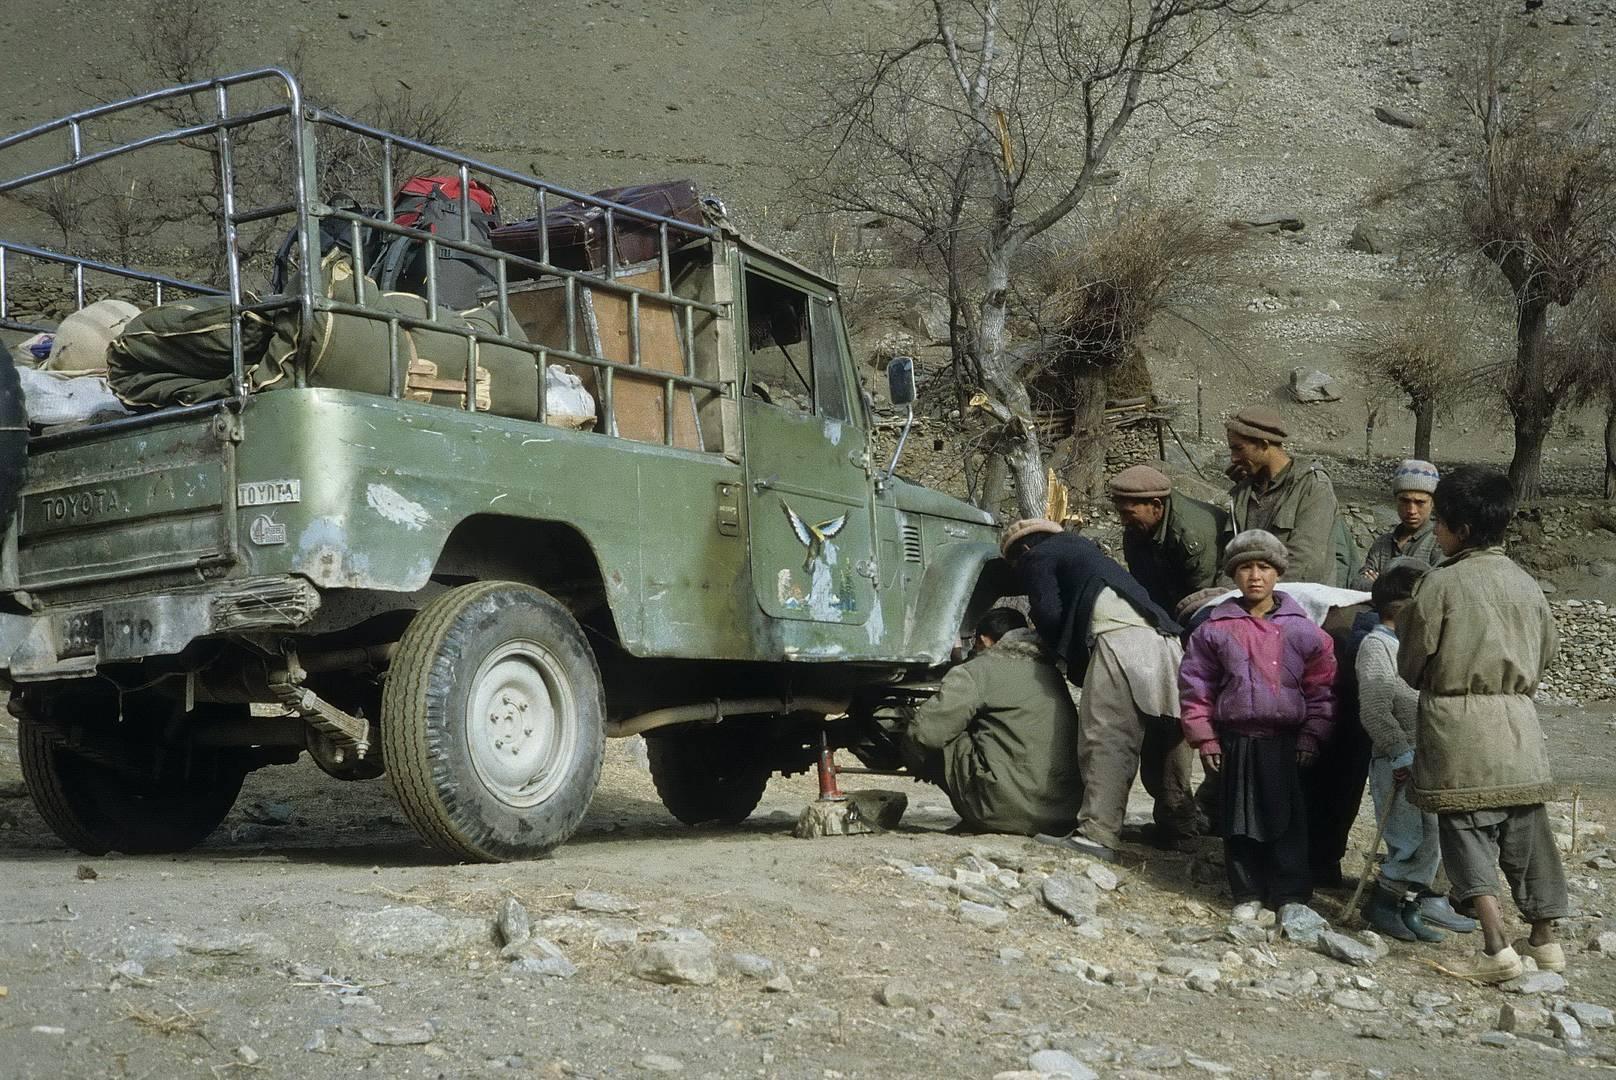 Reifenpanne in Pakistan